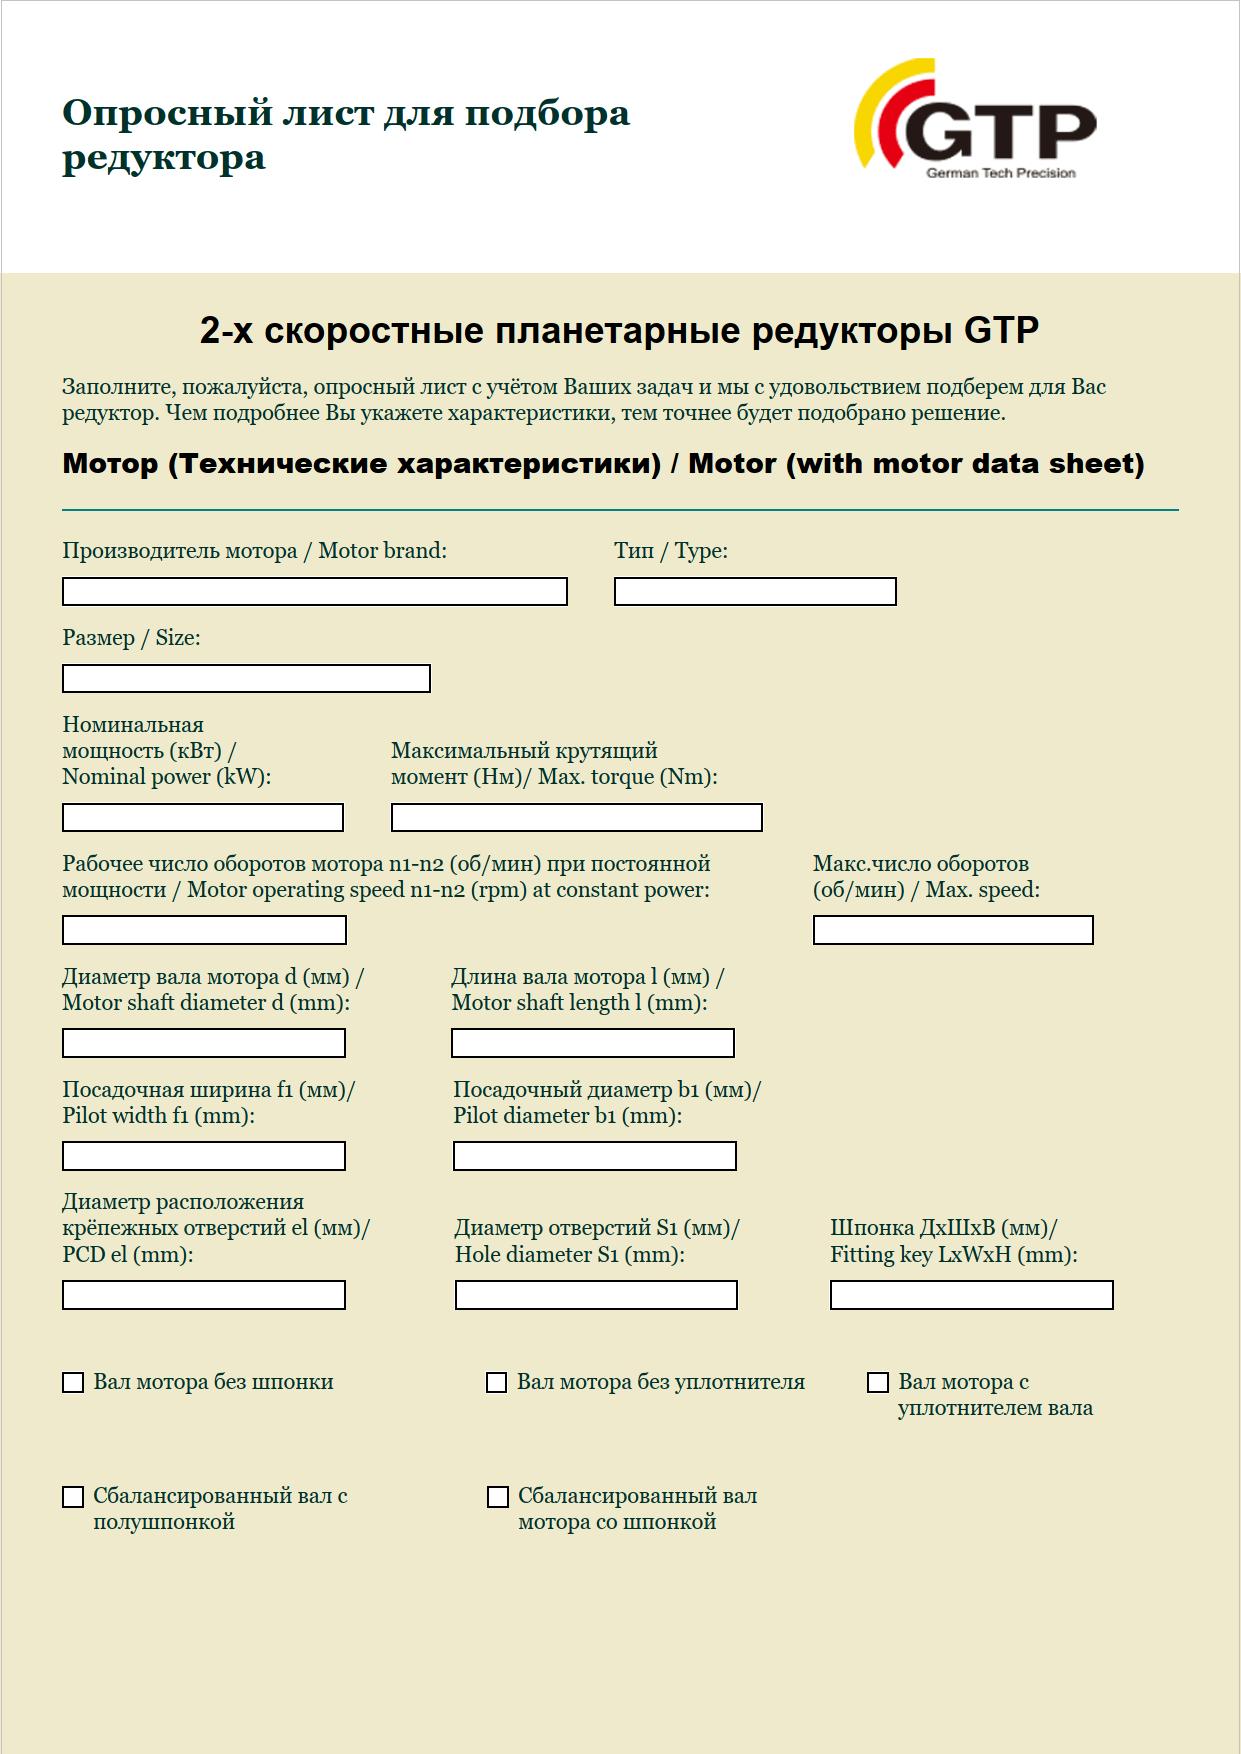 Опросный лист GTP